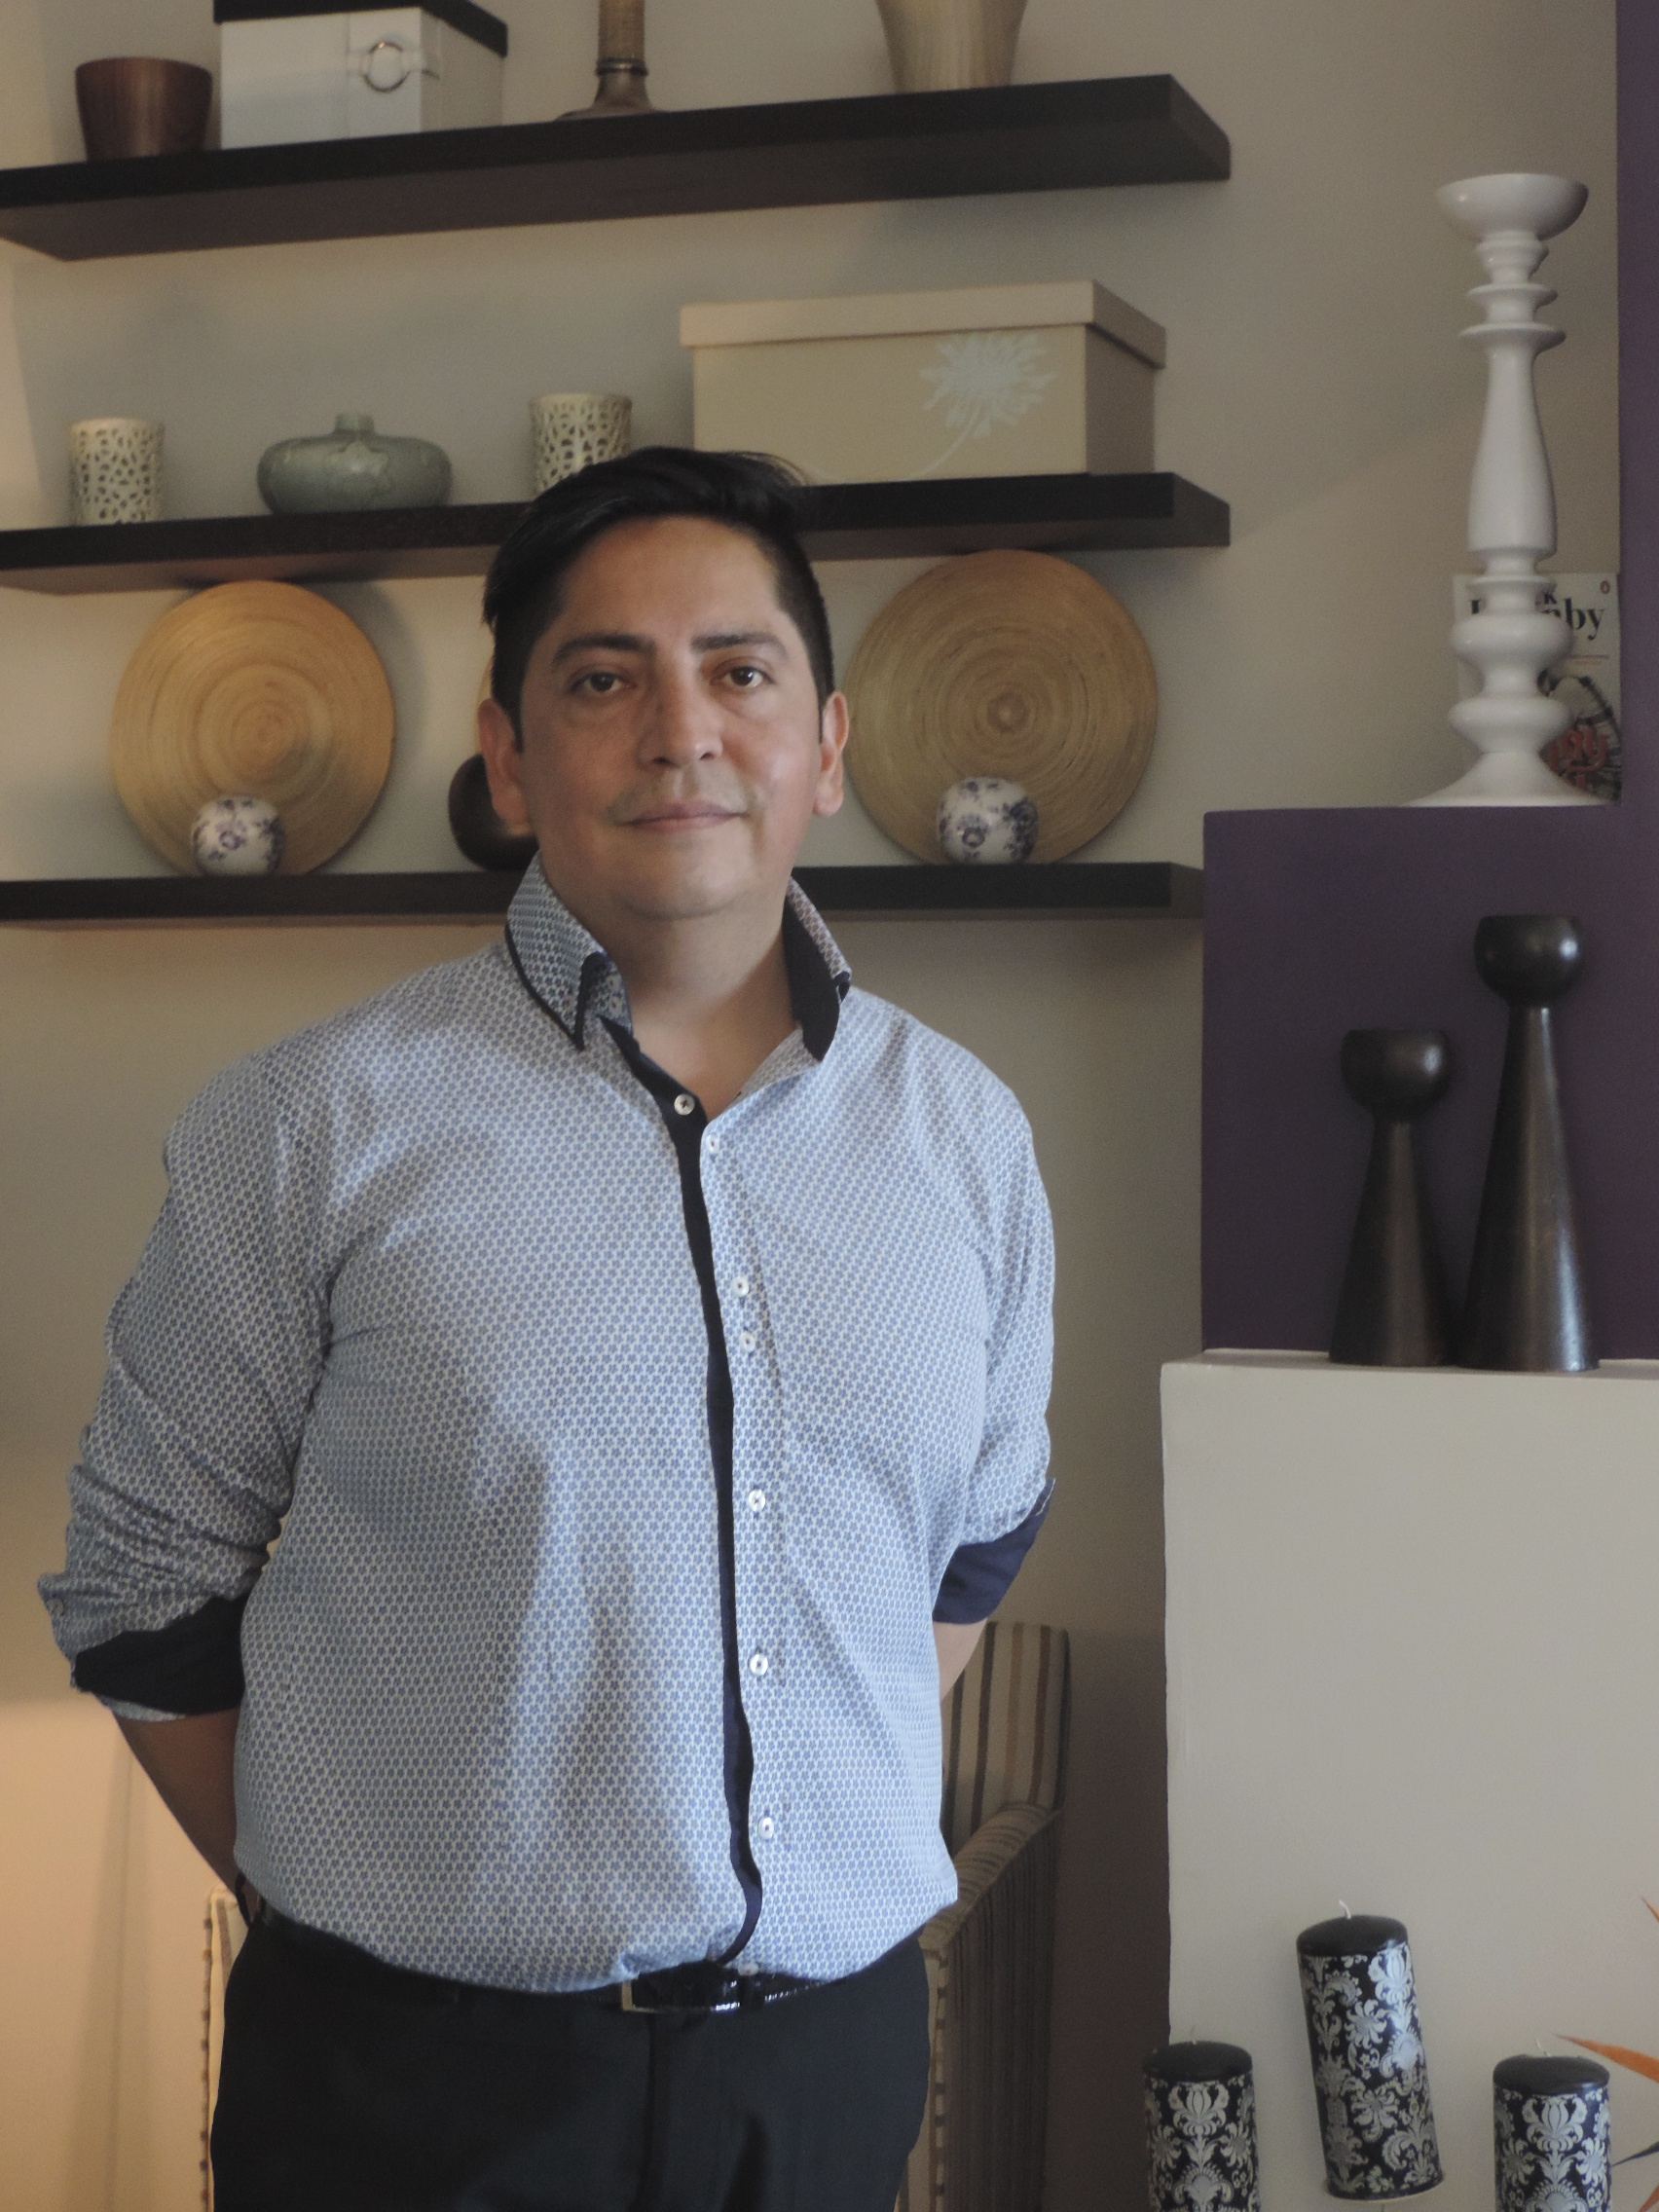 Alex Olmedo, creador de Waterfront hotel y su oferta gastronómica, está apostando, junto a una comunidad fortalecida, a crear servicios de valor para el viajero